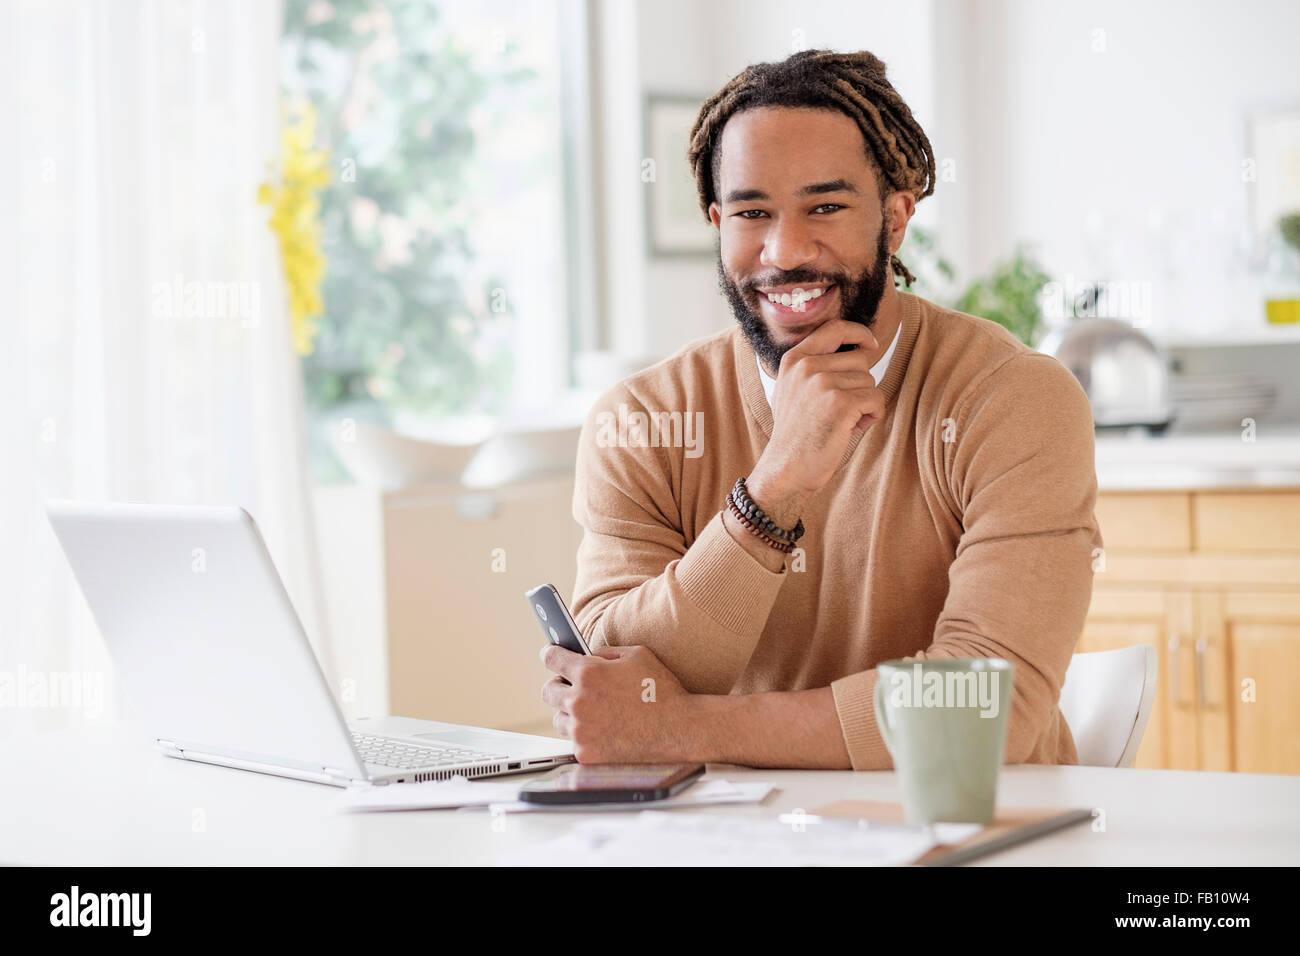 Ritratto di giovane smiley Uomo con notebook a tavola Immagini Stock